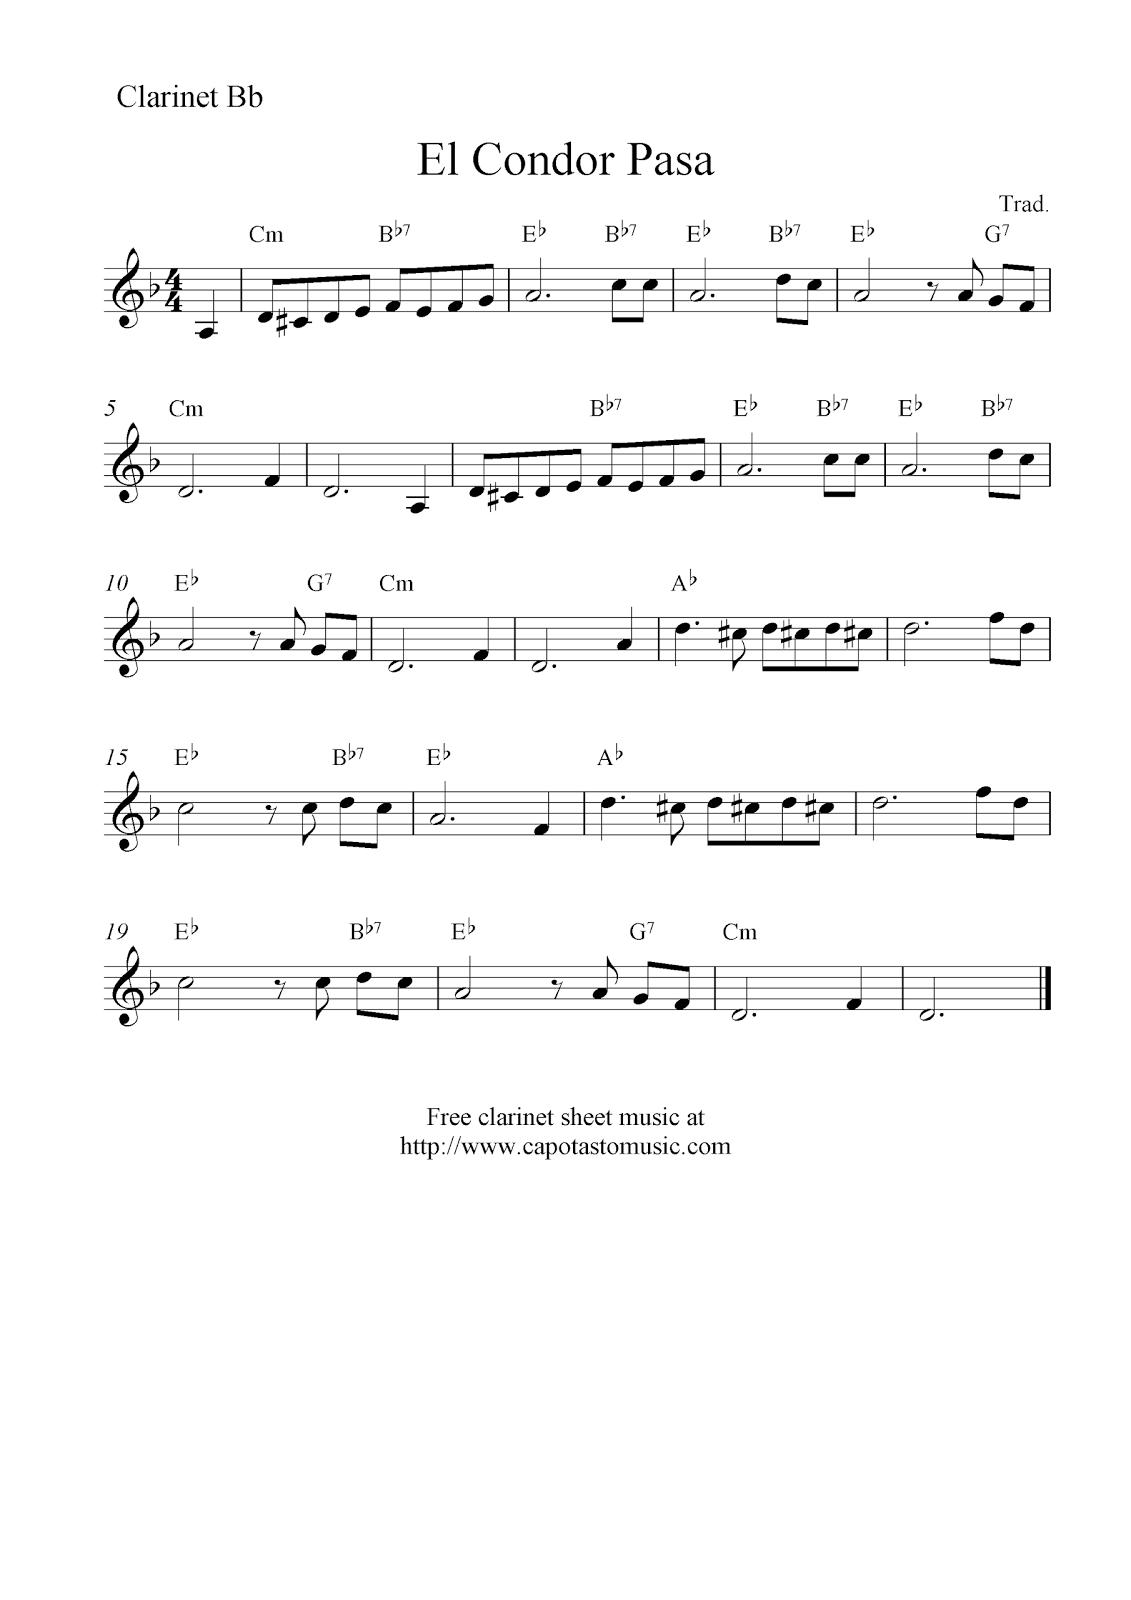 Free Printable Sheet Music Clarinet